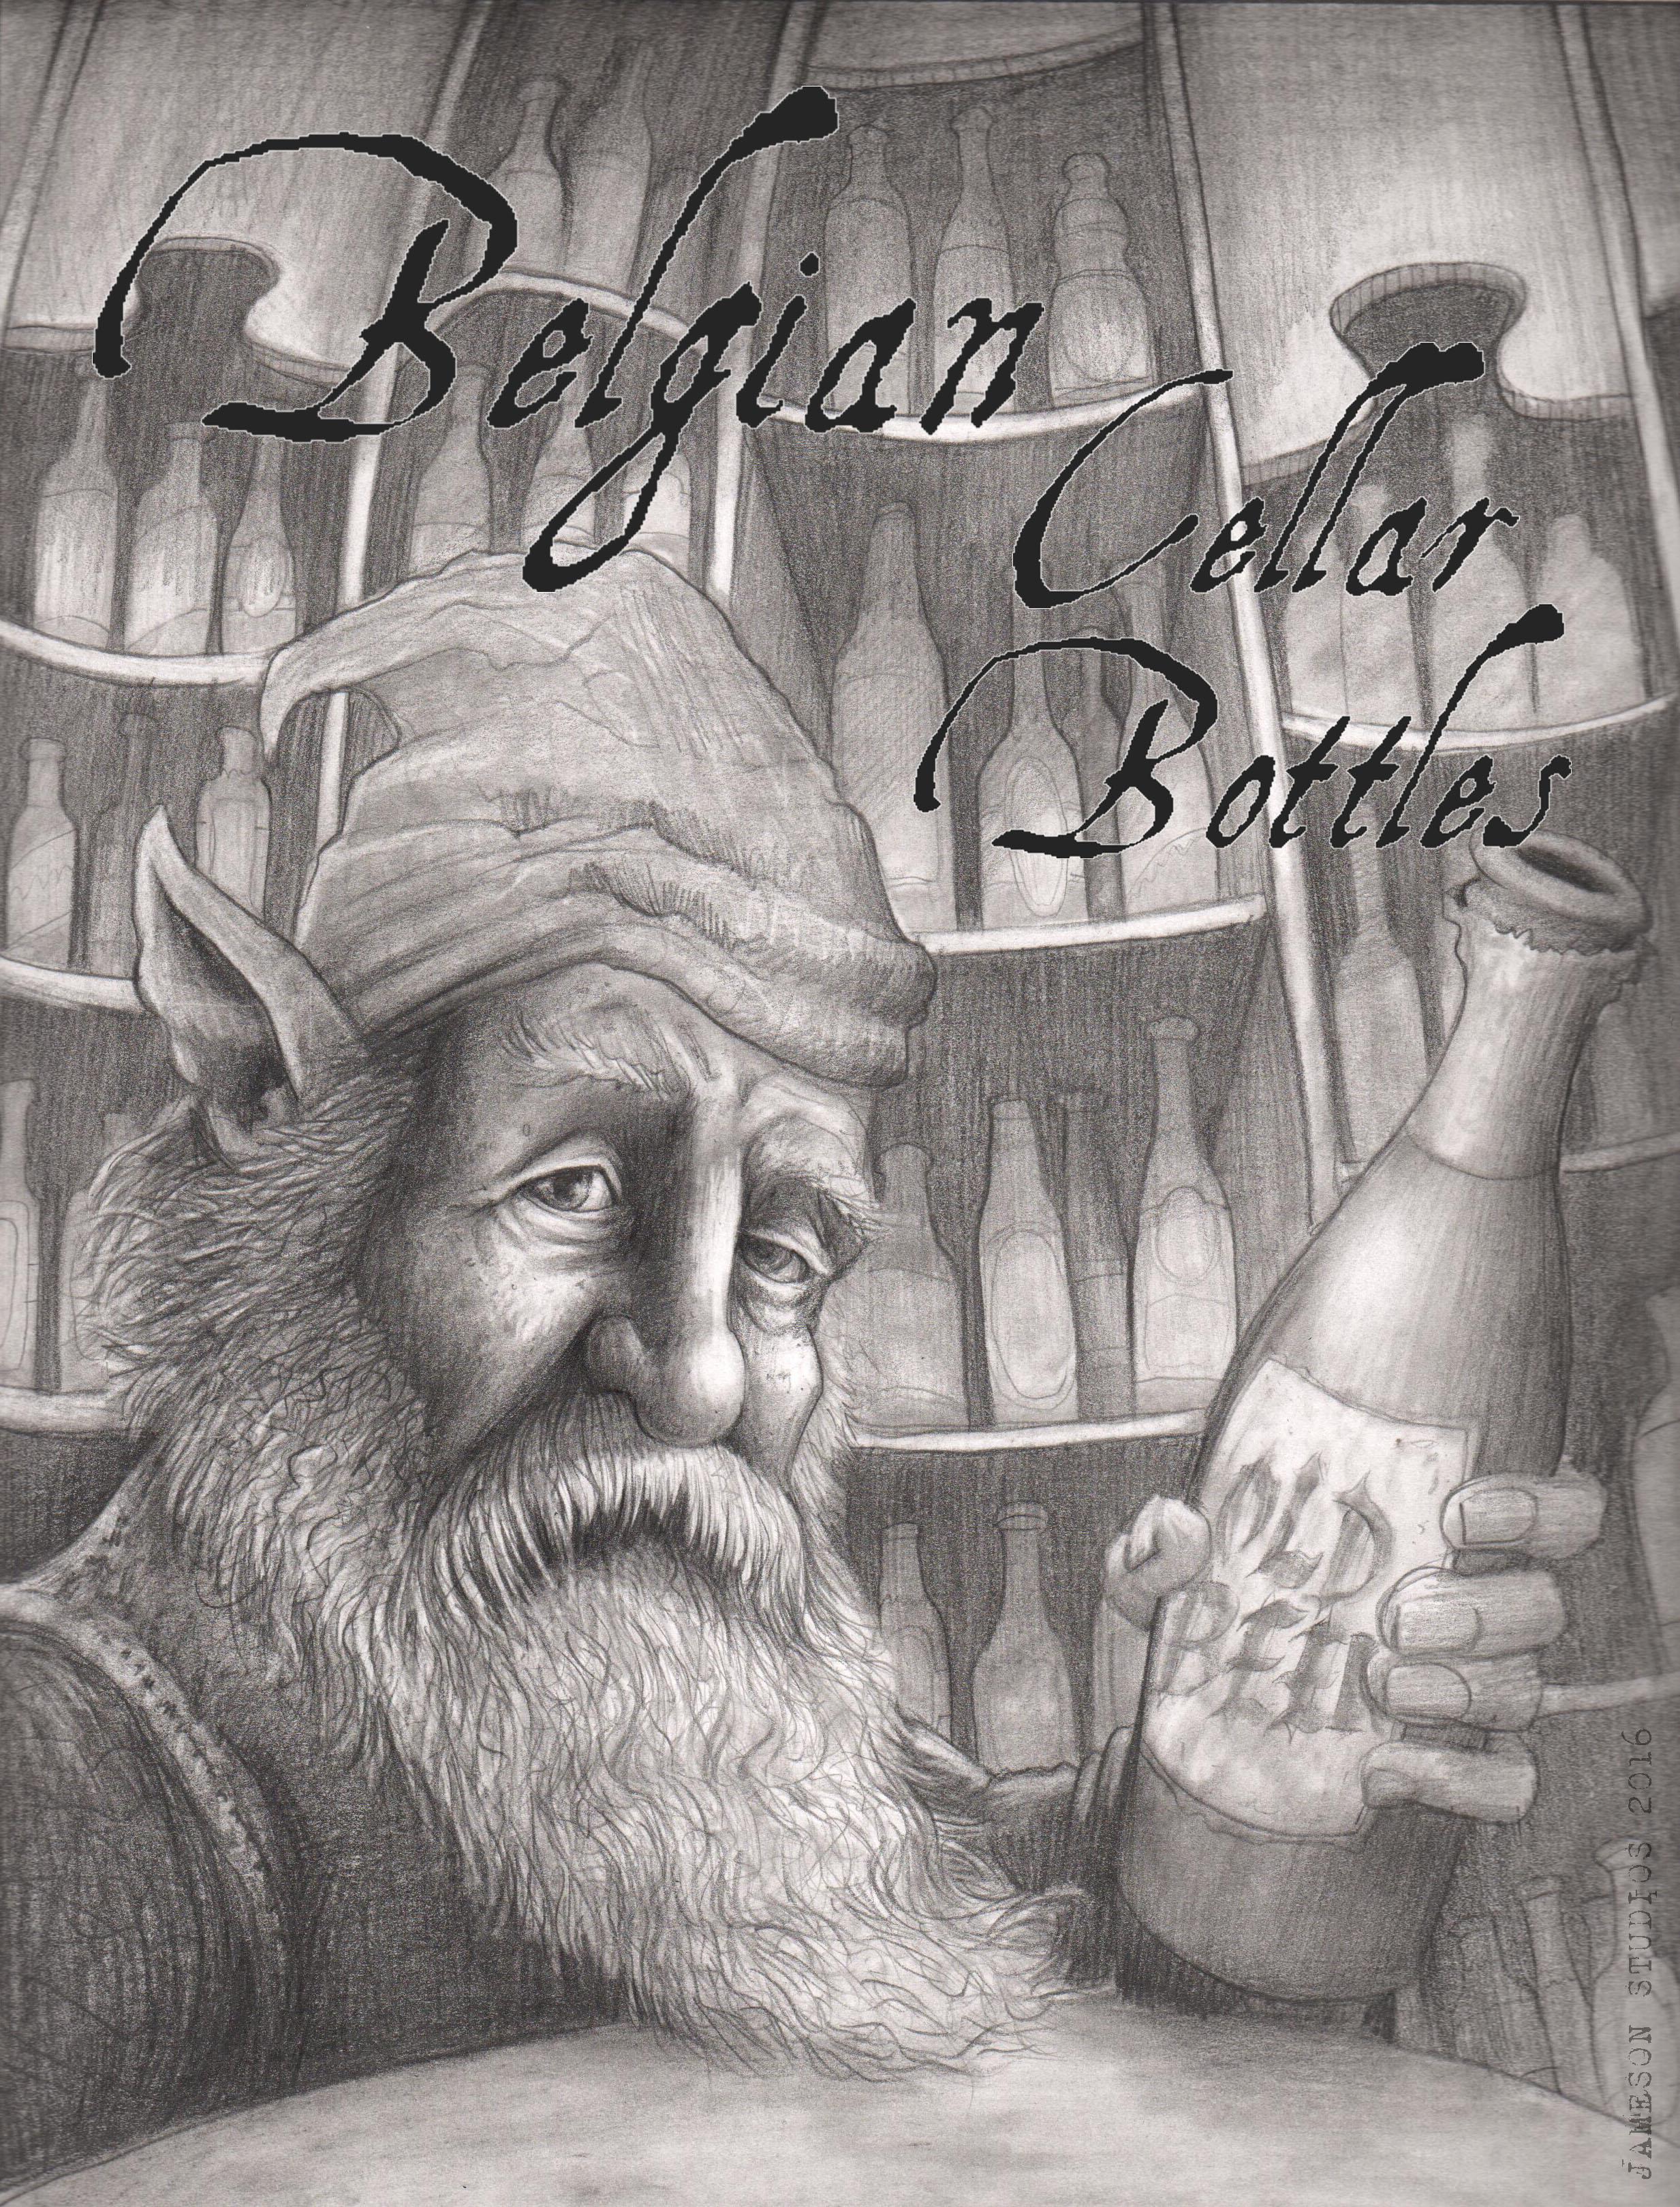 BSP_belgian cellar bottles_cellar page.jpg